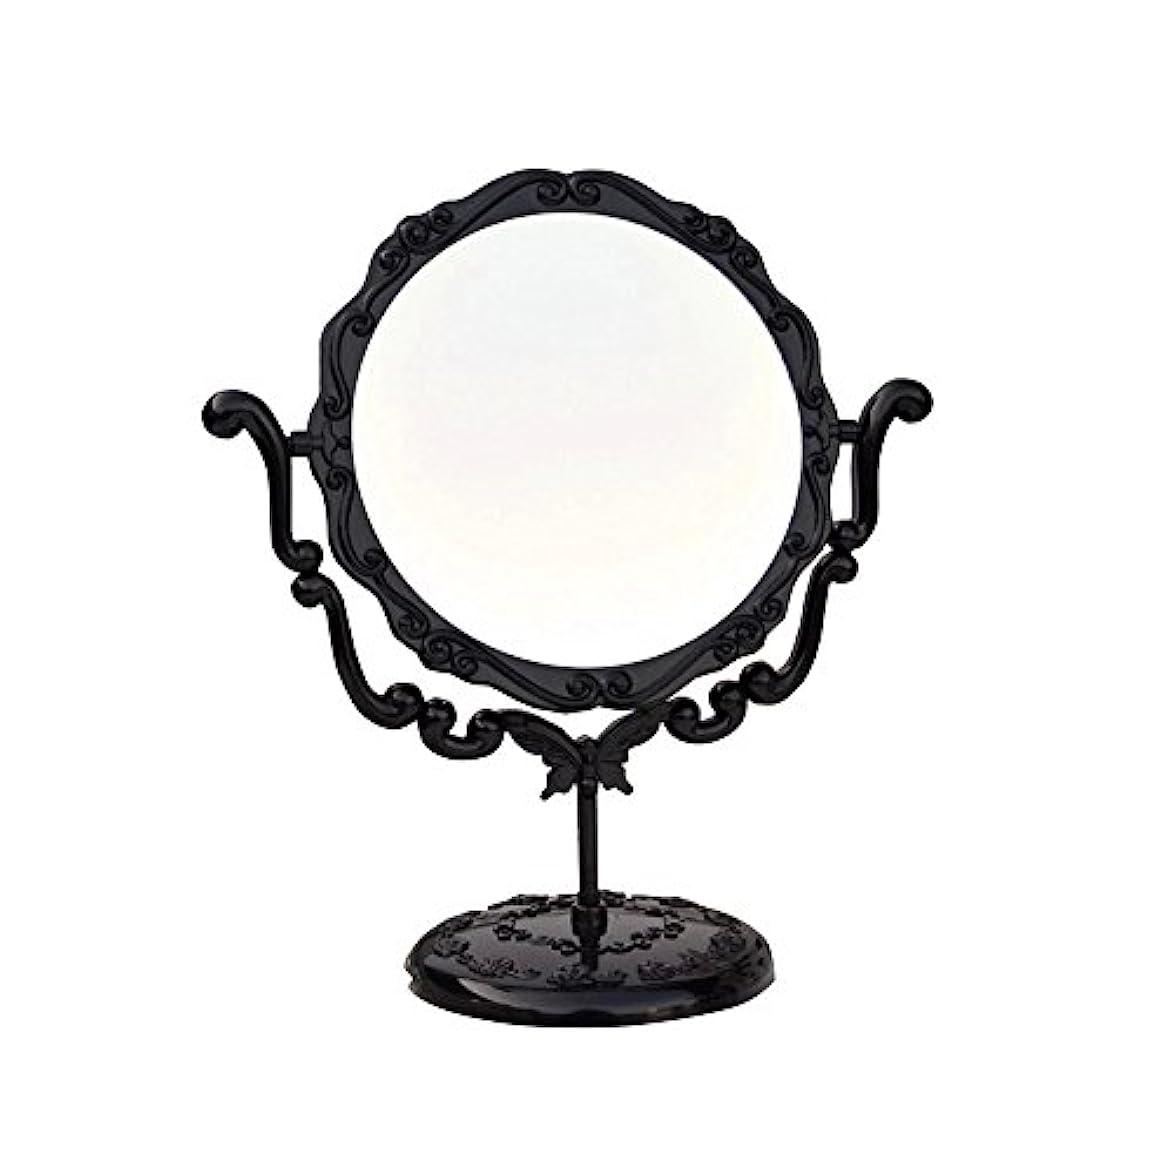 笑いアンデス山脈告白するJTWJ アナスイスタイルのデスクトップミラーレトロな化粧鏡美容ミラー特大の回転ミラー